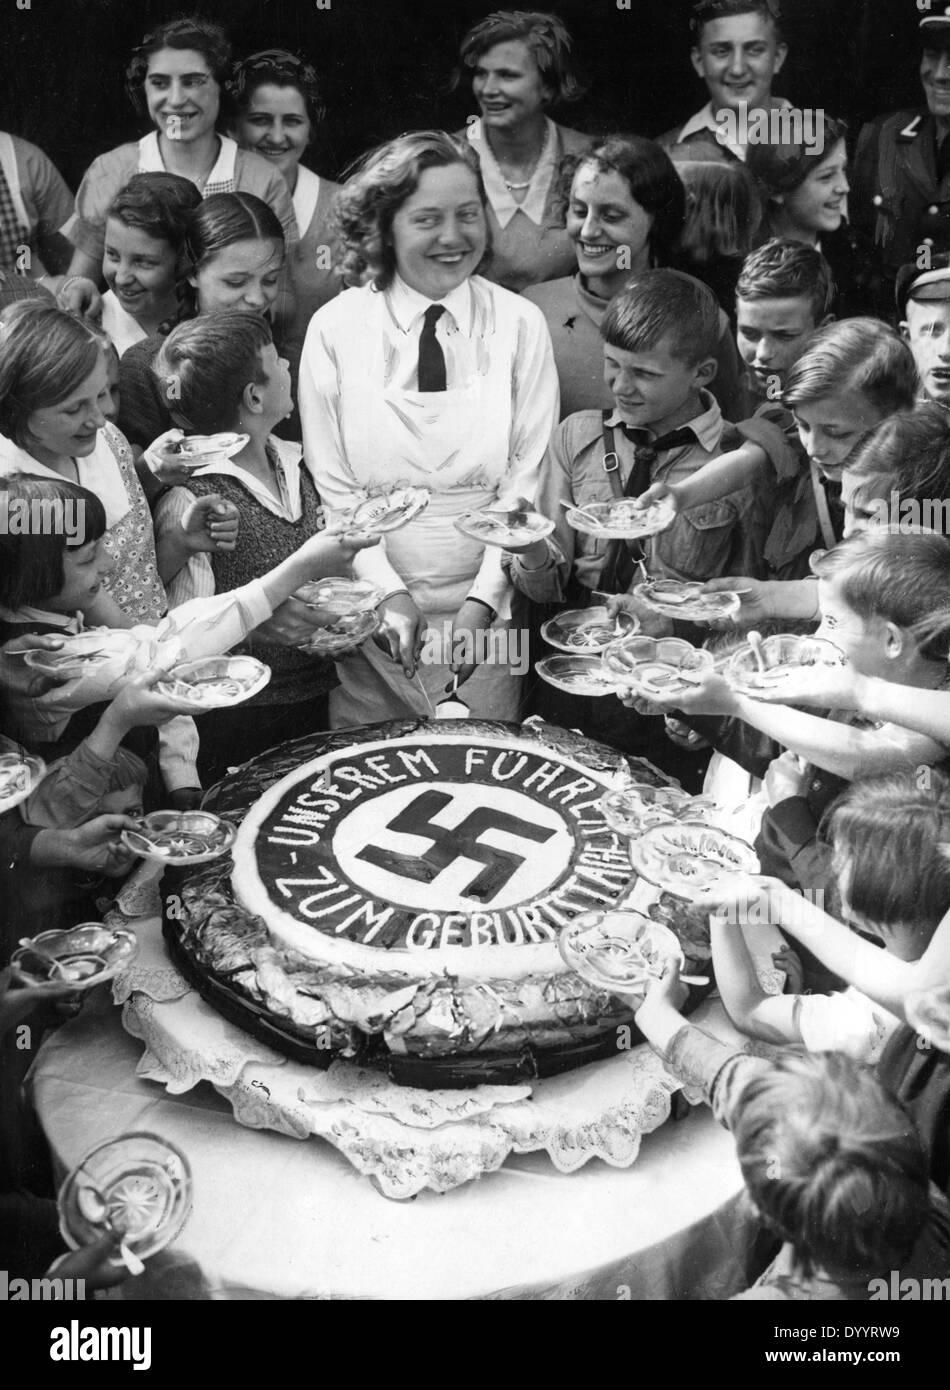 Cake Hitler Fotos e Imágenes de stock - Alamy